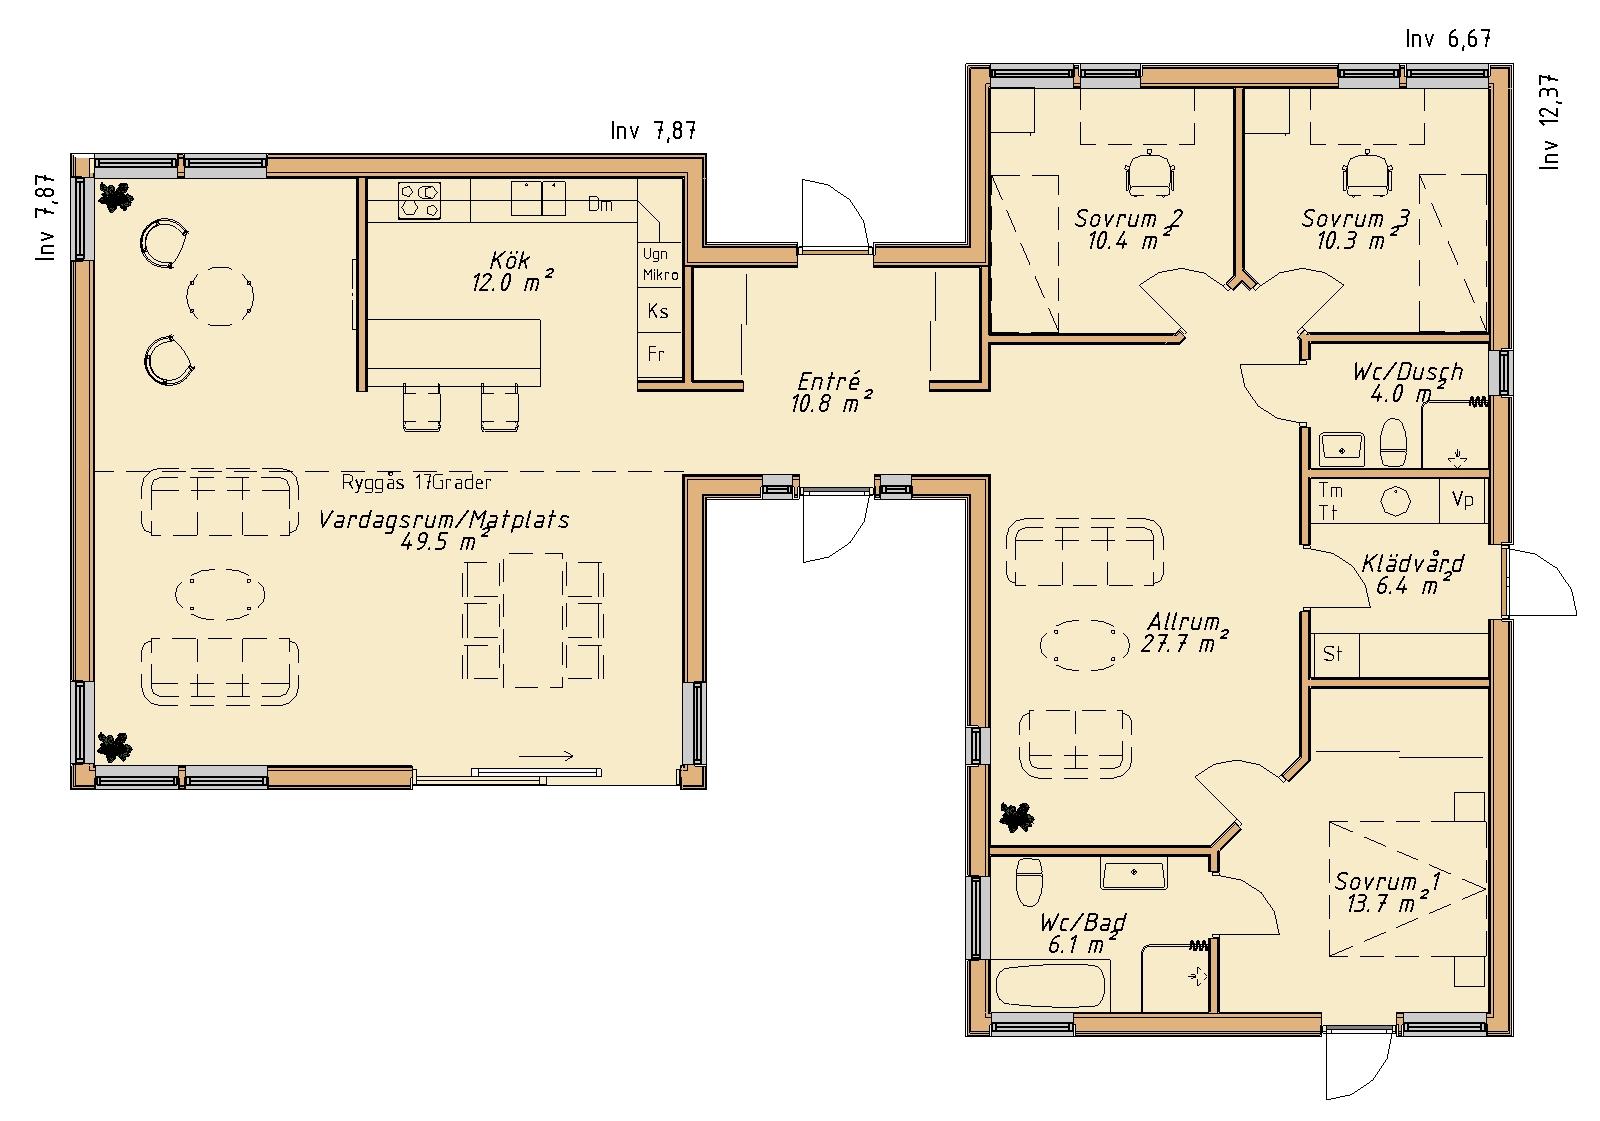 planlosningsbild 1 av SONNARP